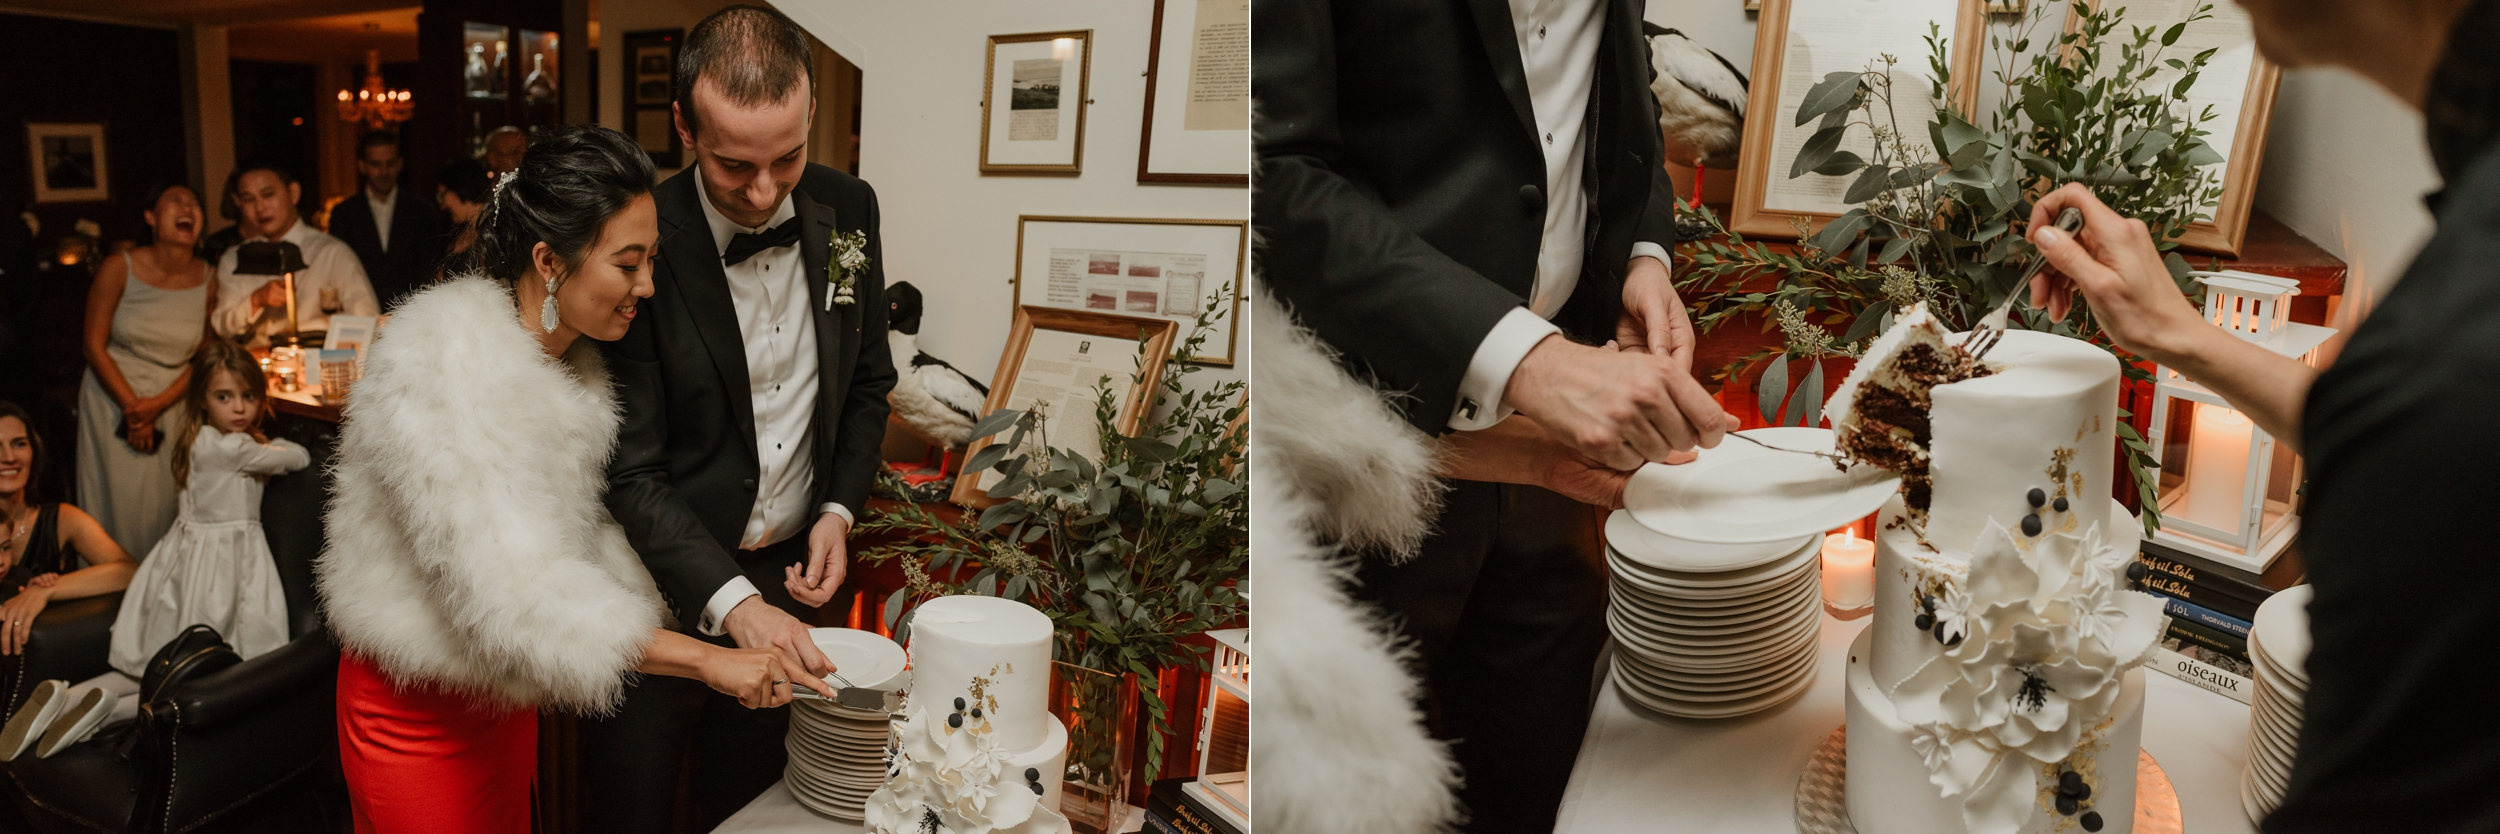 128-hotel-budir-iceland-destination-wedding-vivianchen-885_WEB.jpg